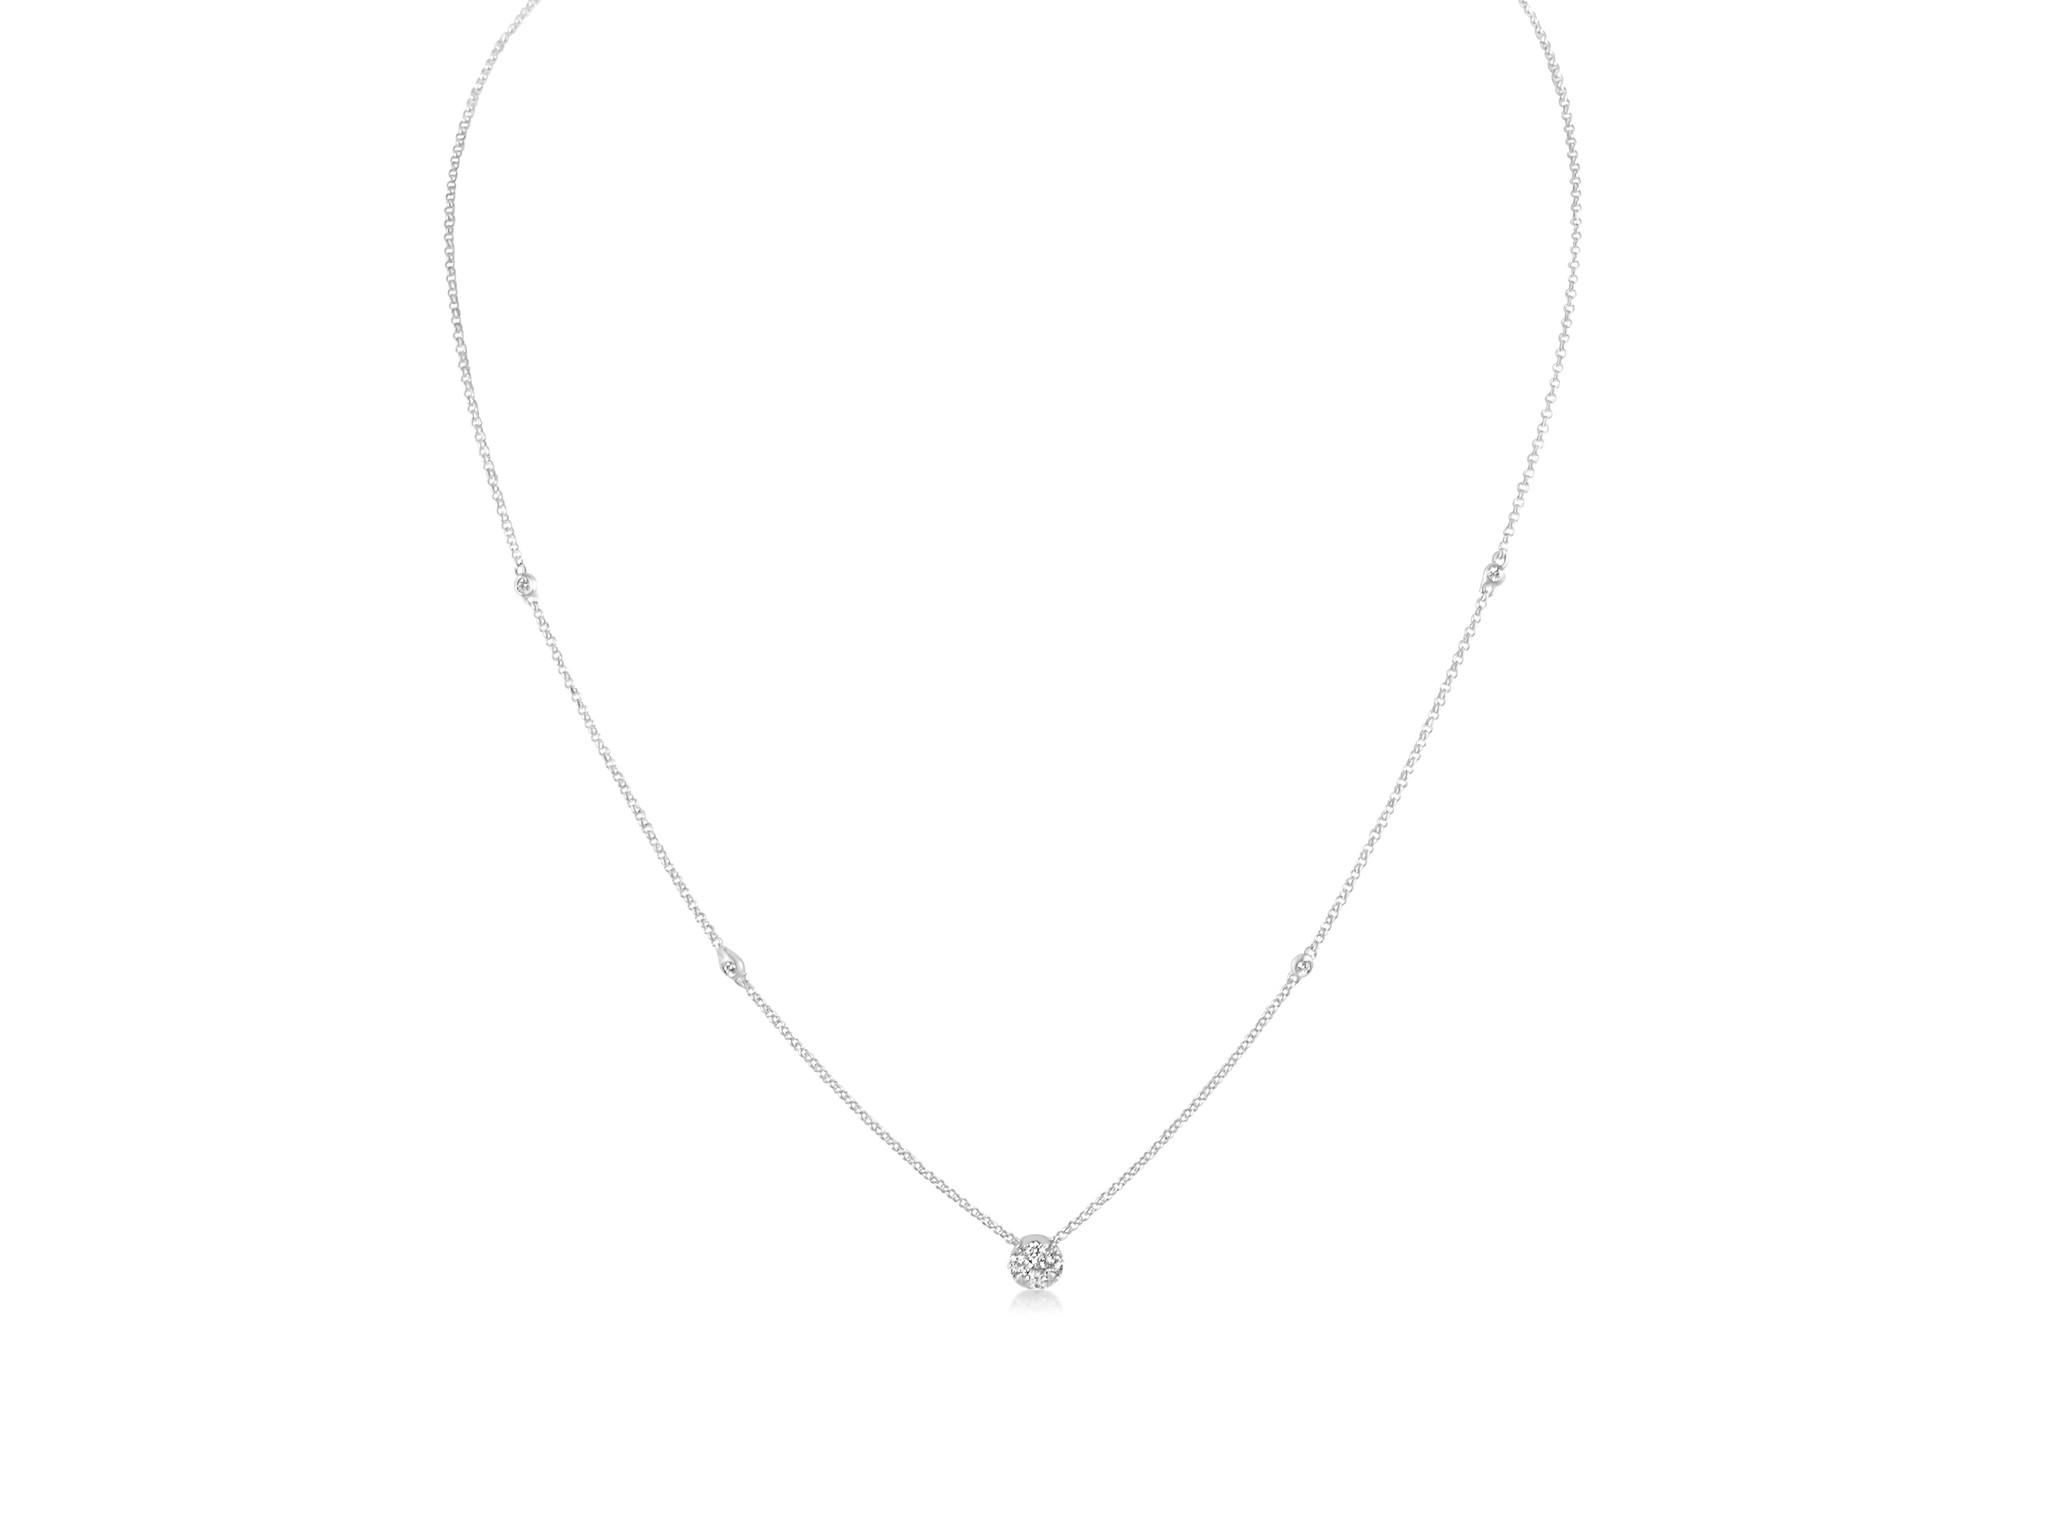 18 karaat wit goud ketting met 0.24 ct diamanten hangers